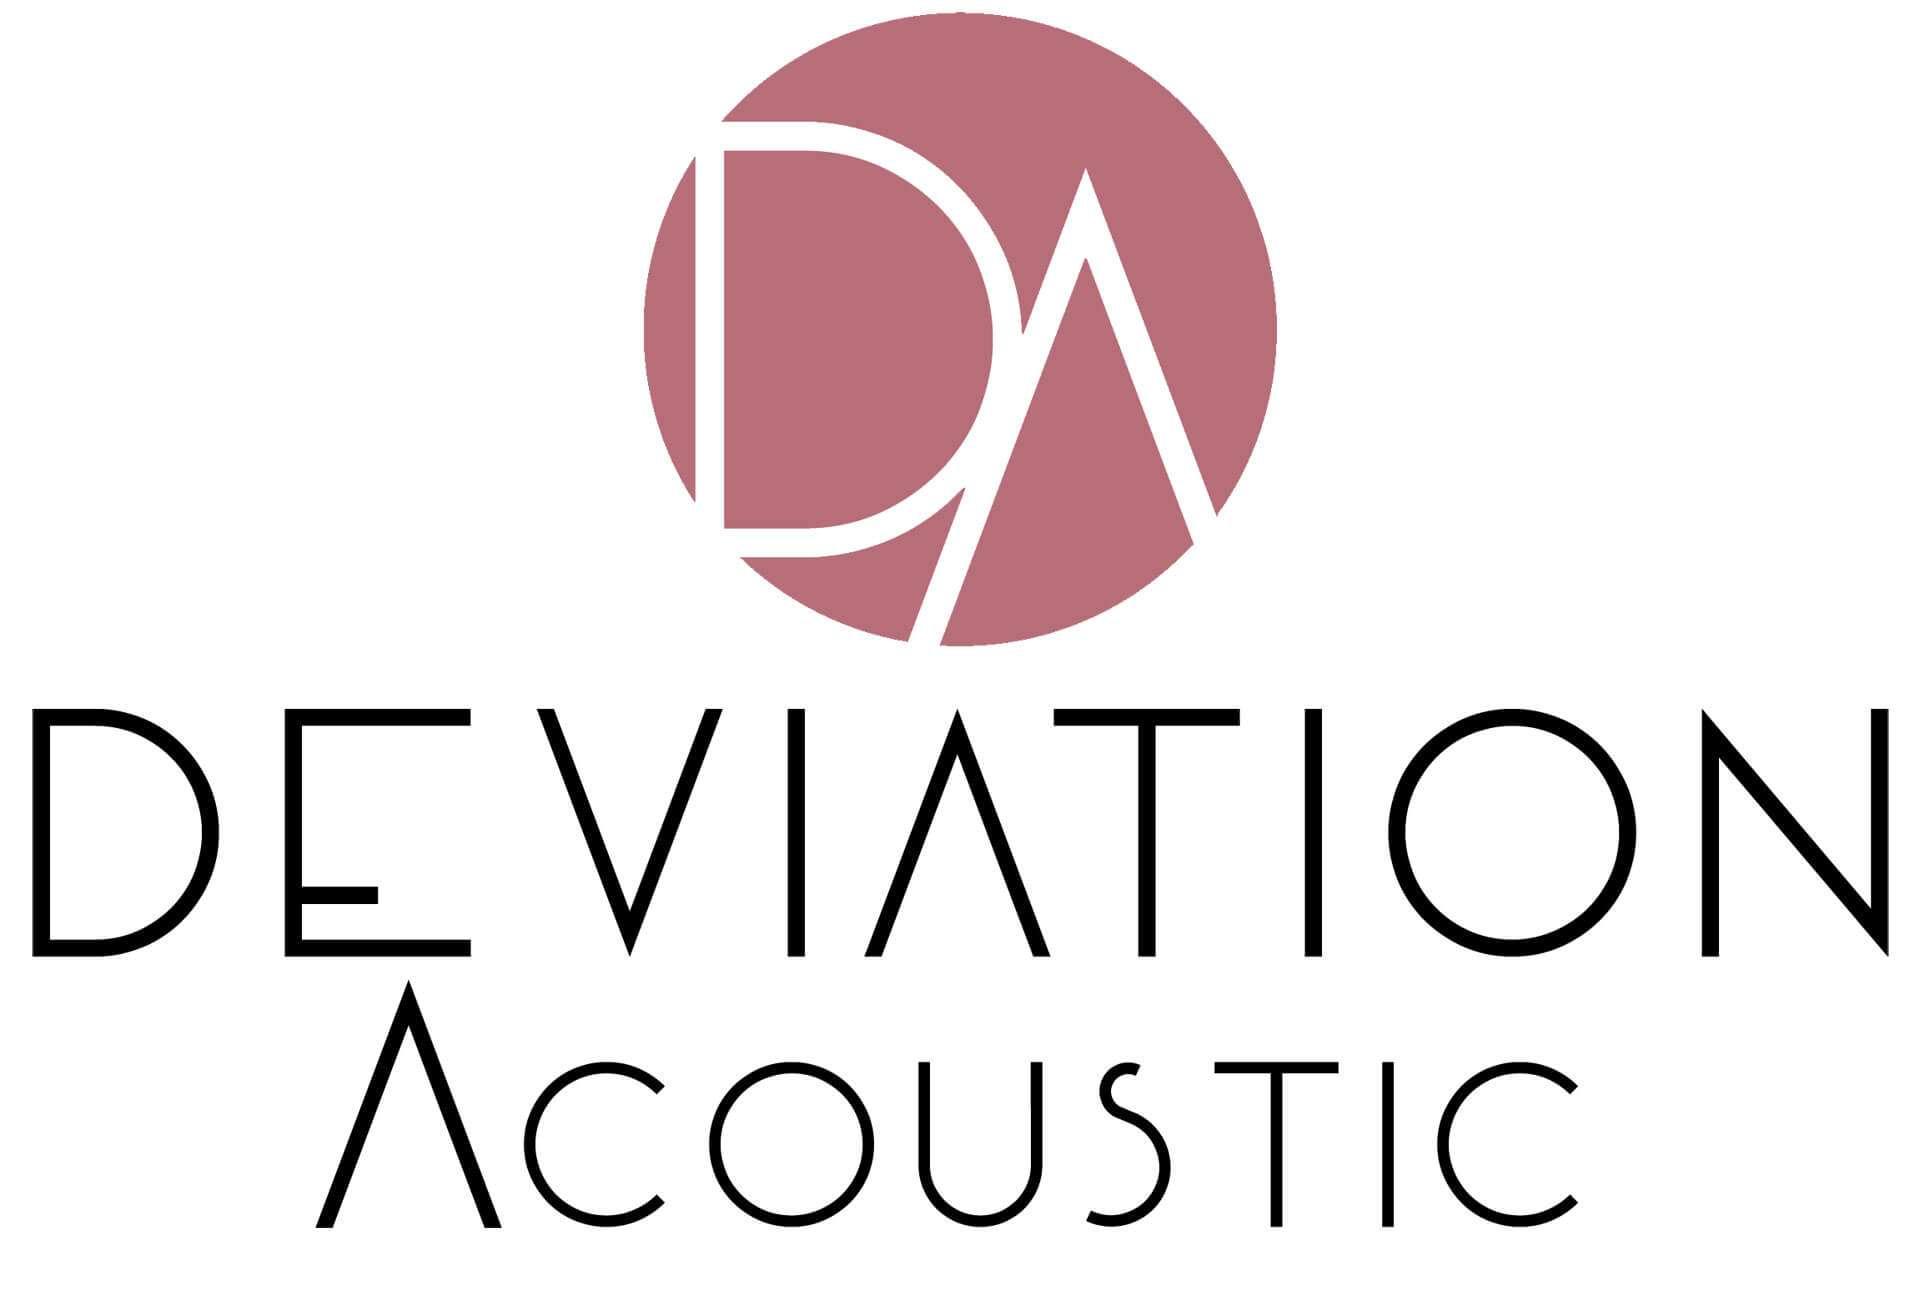 Deviation Acoustic